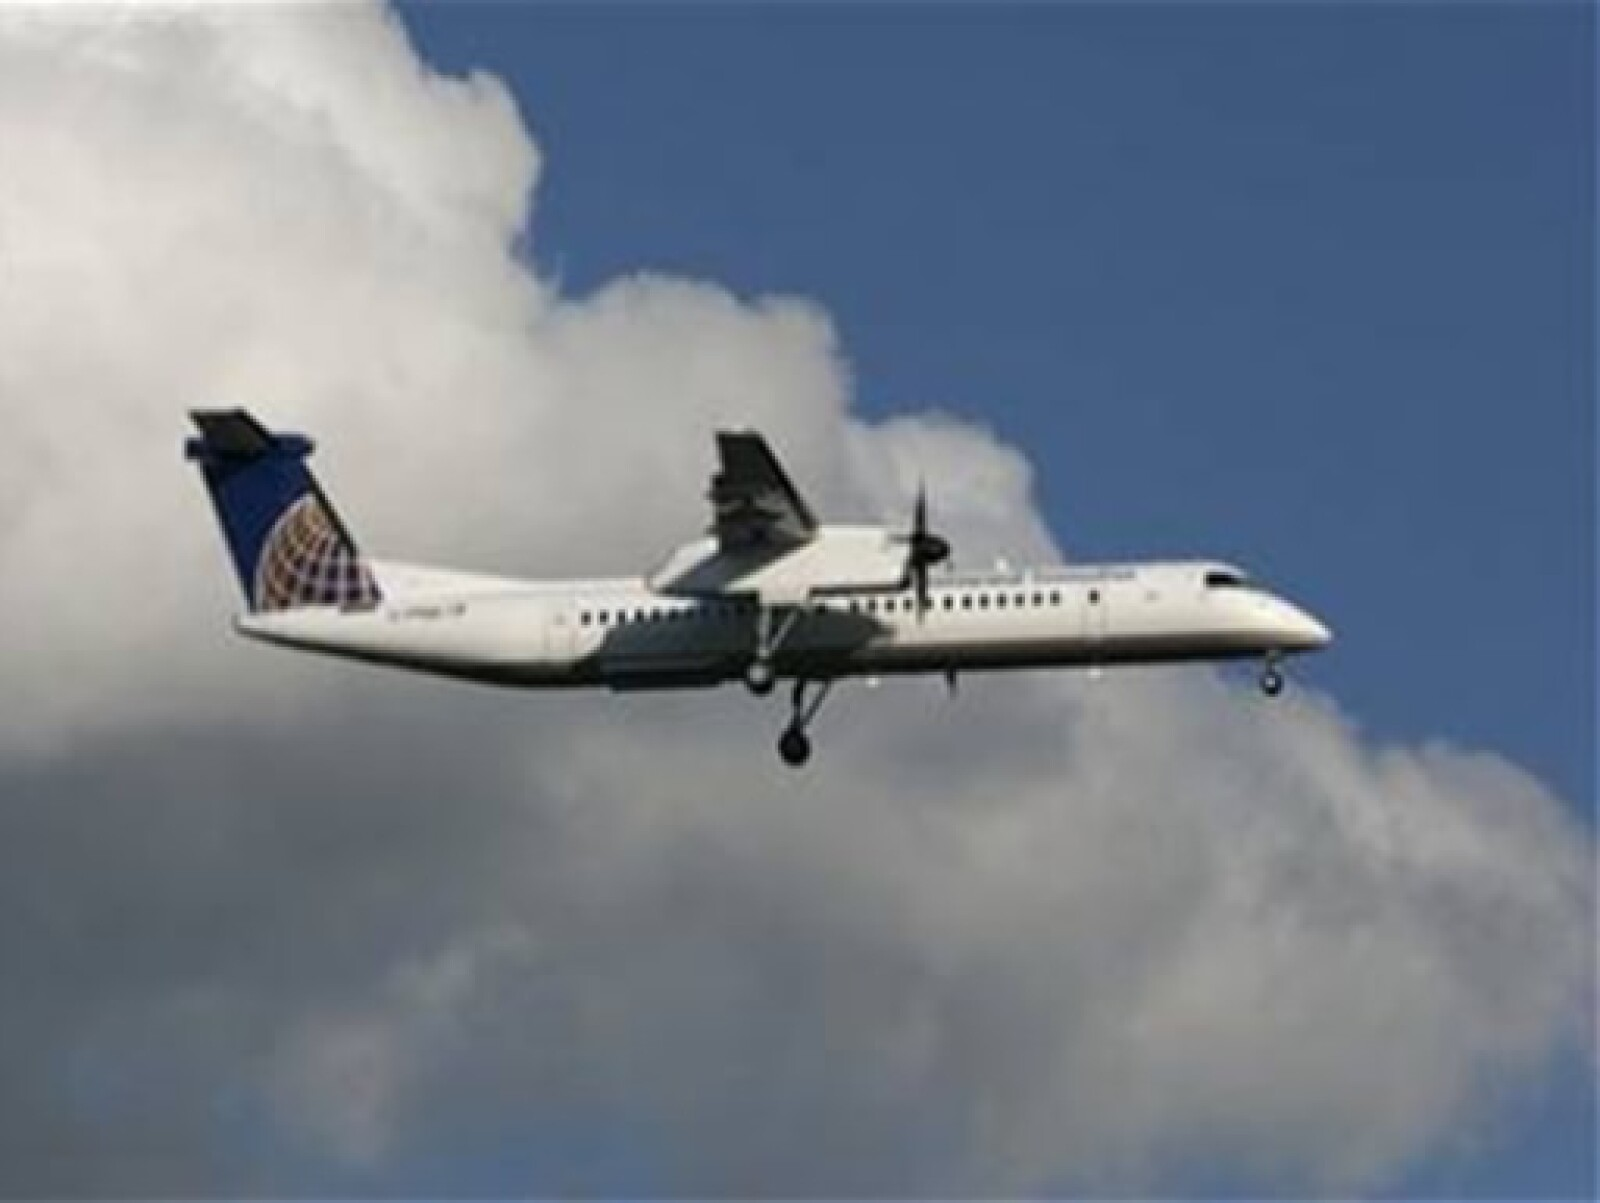 Bombardier Dash-8 Q400 era el nombre del aeroplano que sufrió el accidente en Buffal.